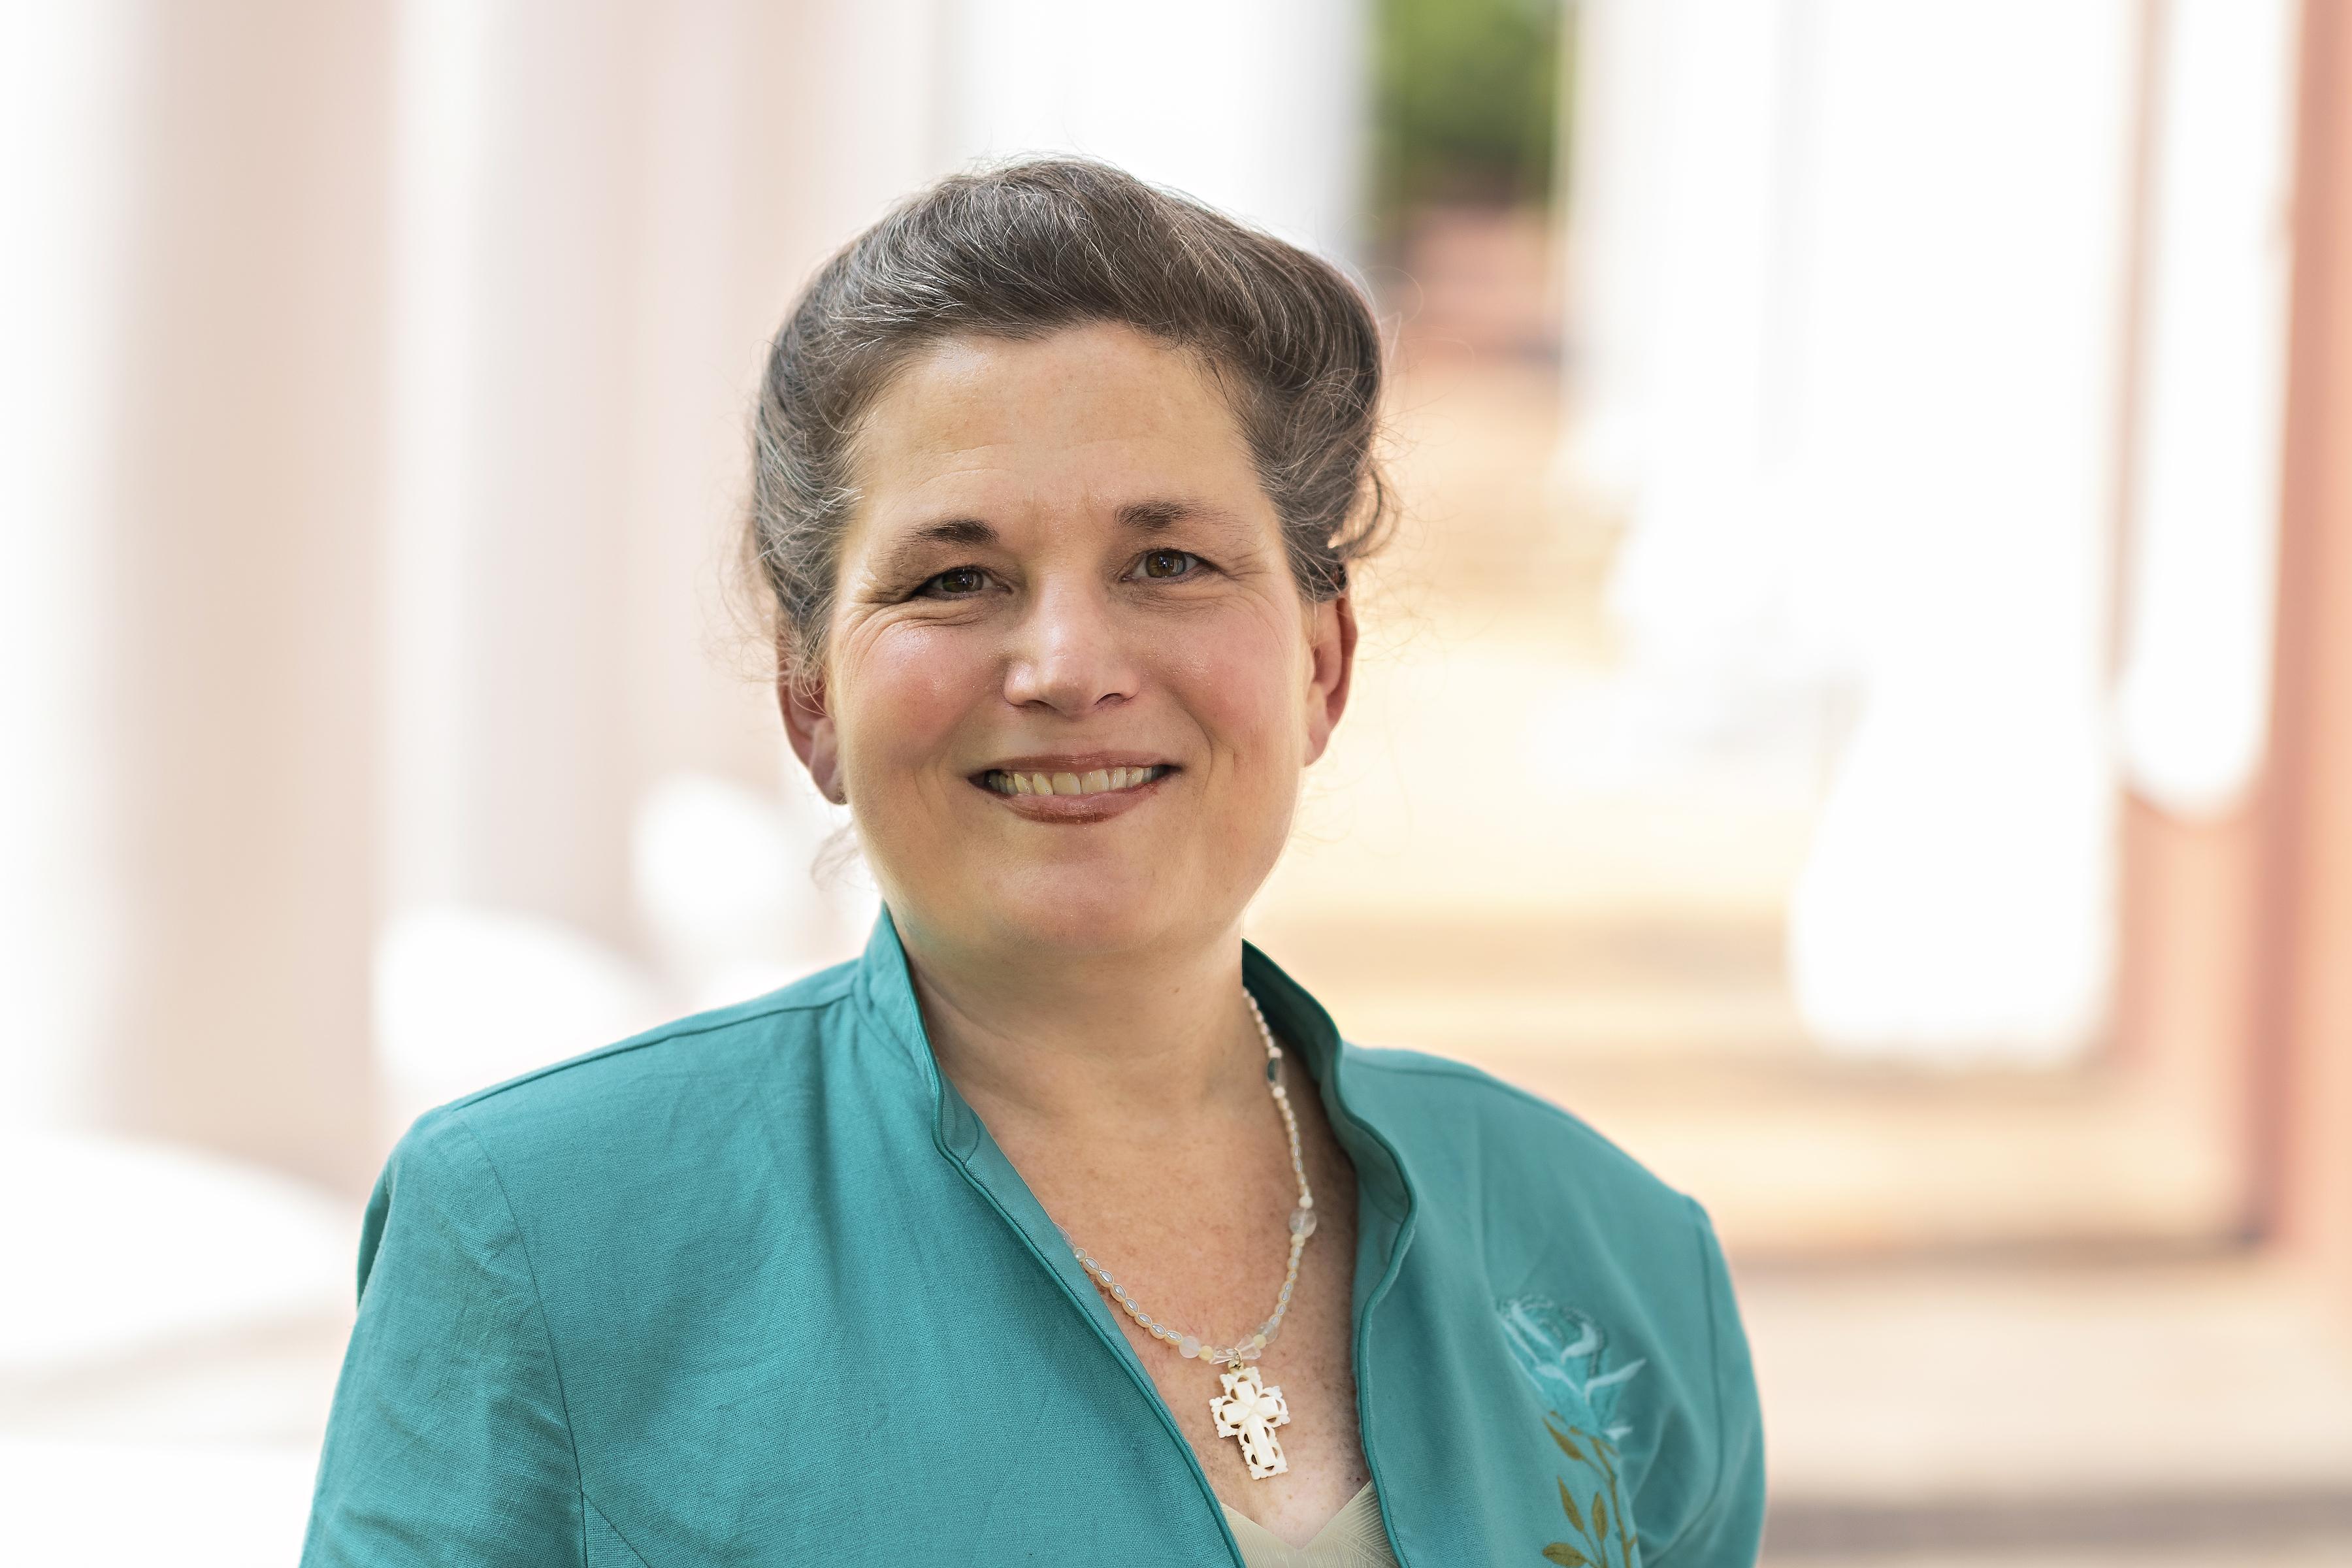 Uzzell-Lynn-scaled Meet the Professor: Lynn Uzzell